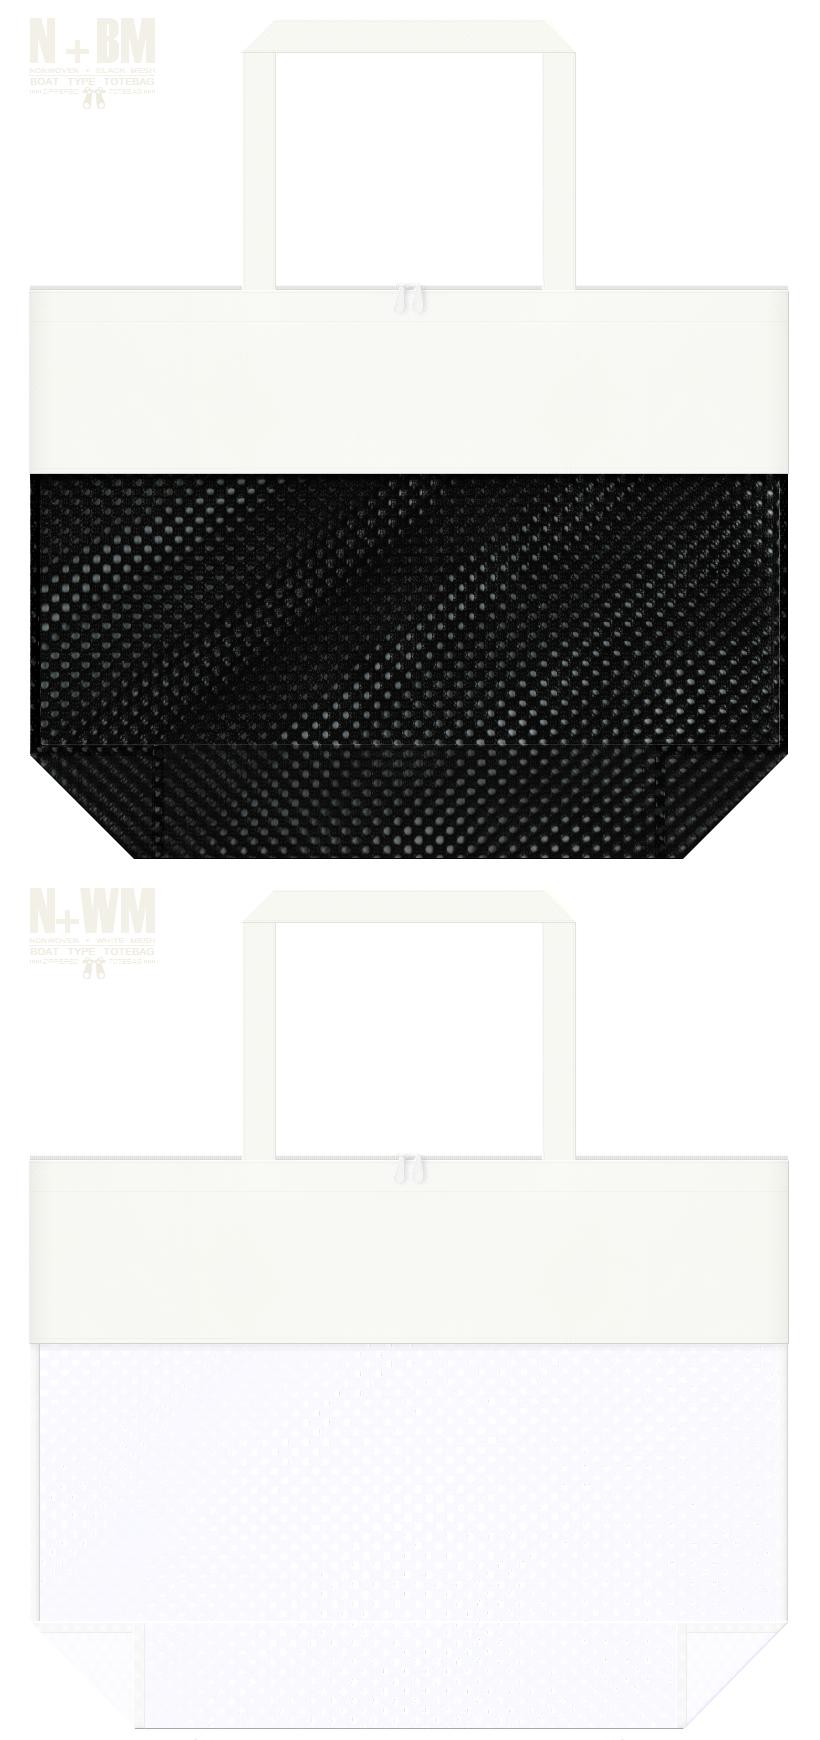 台形型メッシュバッグのカラーシミュレーション:黒色・白色メッシュとオフホワイト色不織布の組み合わせ